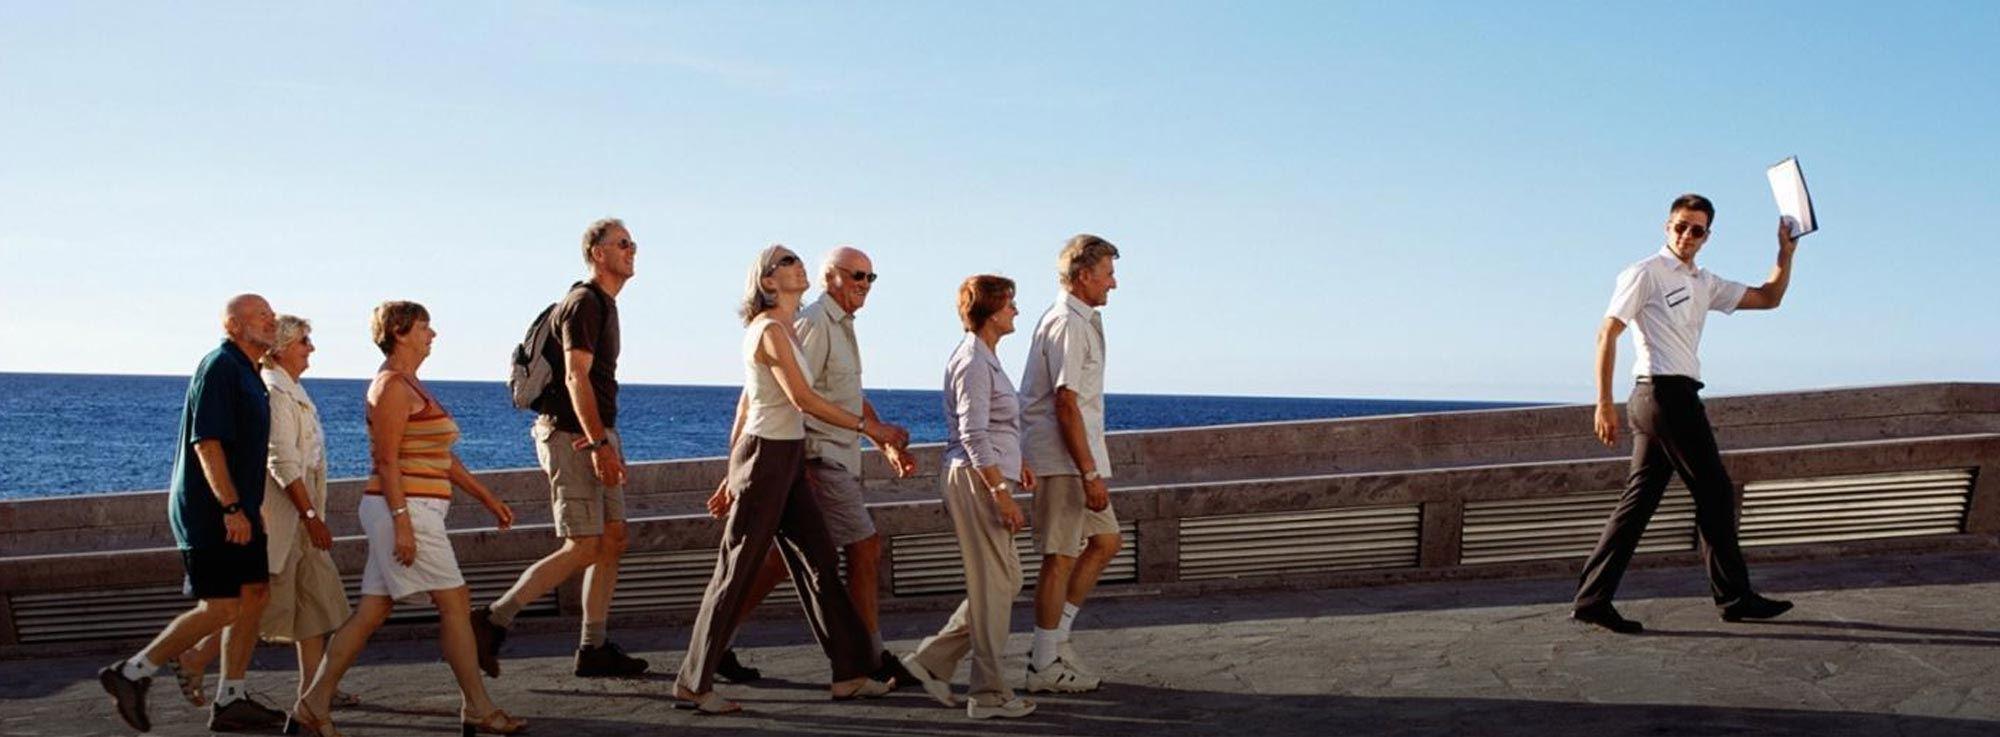 Guide turistiche nuove occasioni di lavoro in puglia for Lavoro arredatore puglia